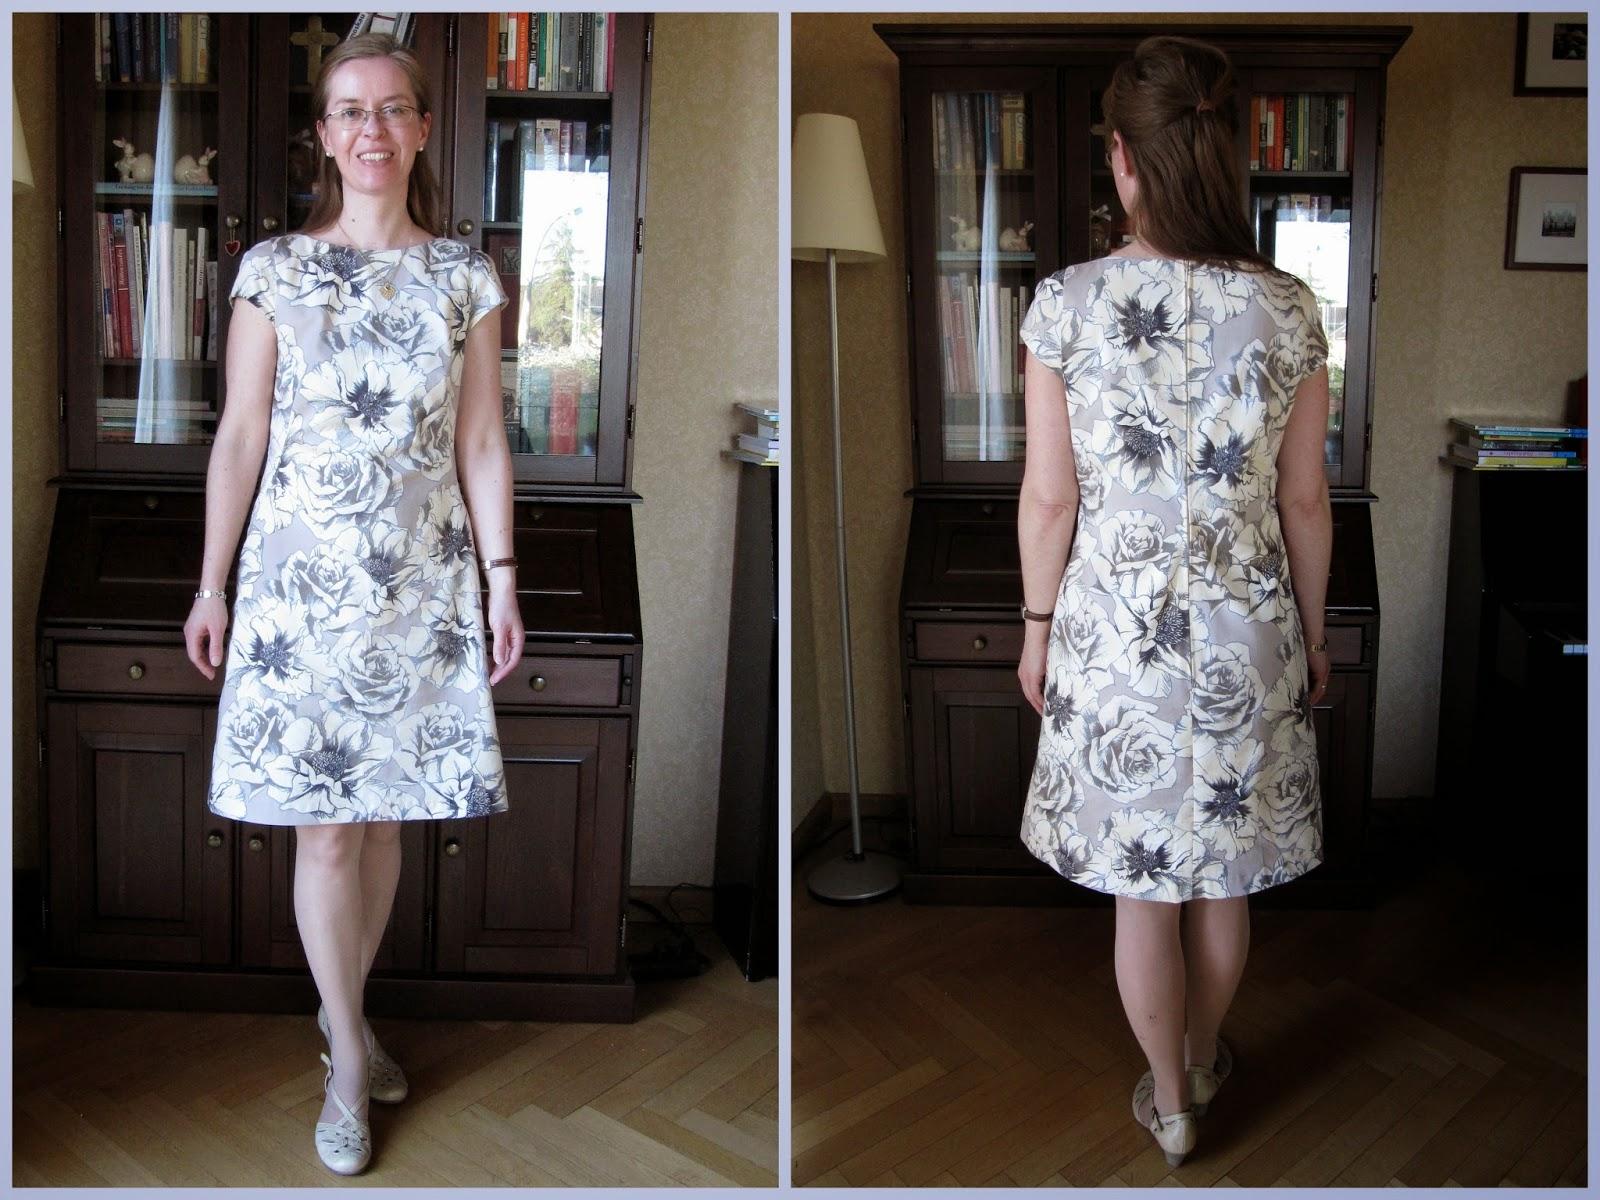 little el 60er jahre kleid burda 9 2012 108 60s dress. Black Bedroom Furniture Sets. Home Design Ideas